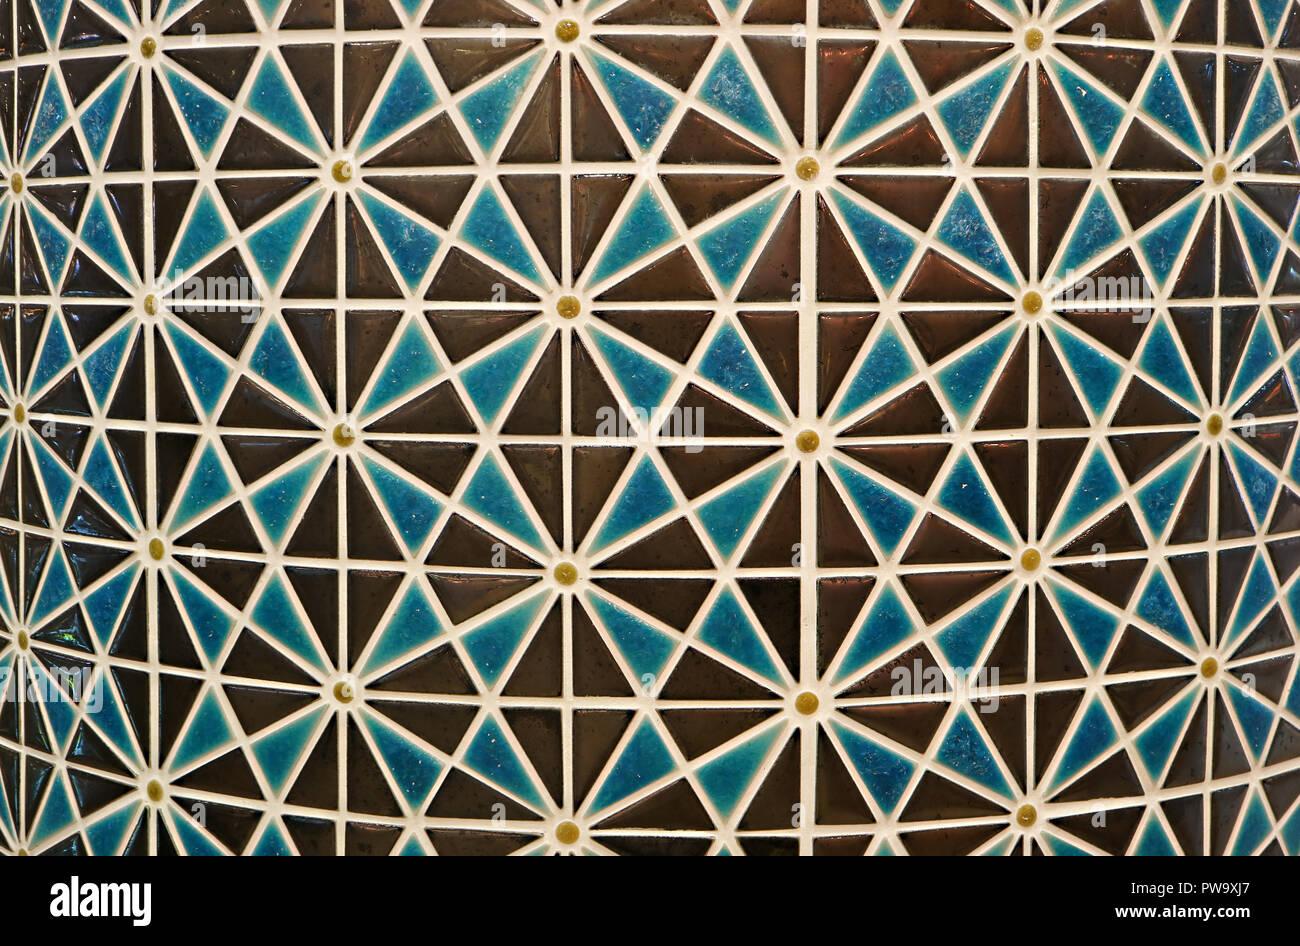 Braun Und Blau Farbige Geometrische 1001 Traditionelle Muster Mosaik